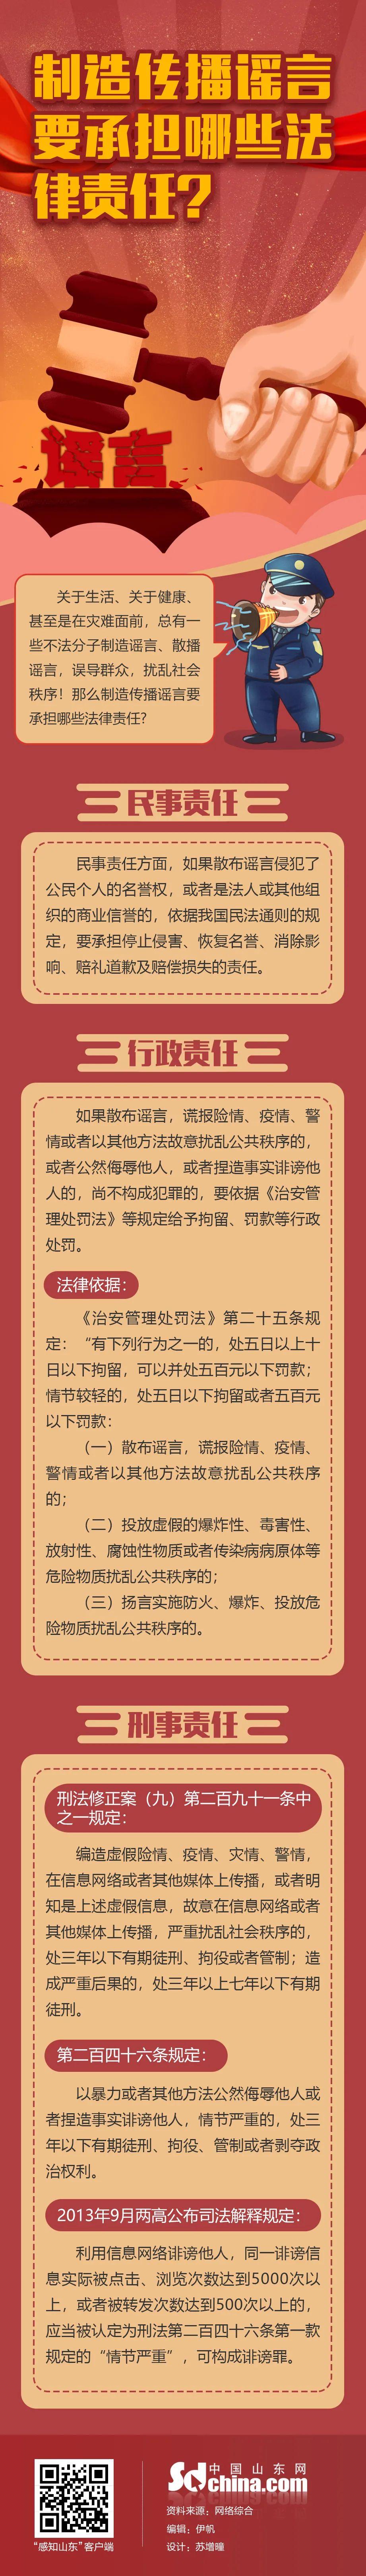 【網安齊魯】Get辟謠小技巧!辨識網絡謠言,5招請速記!